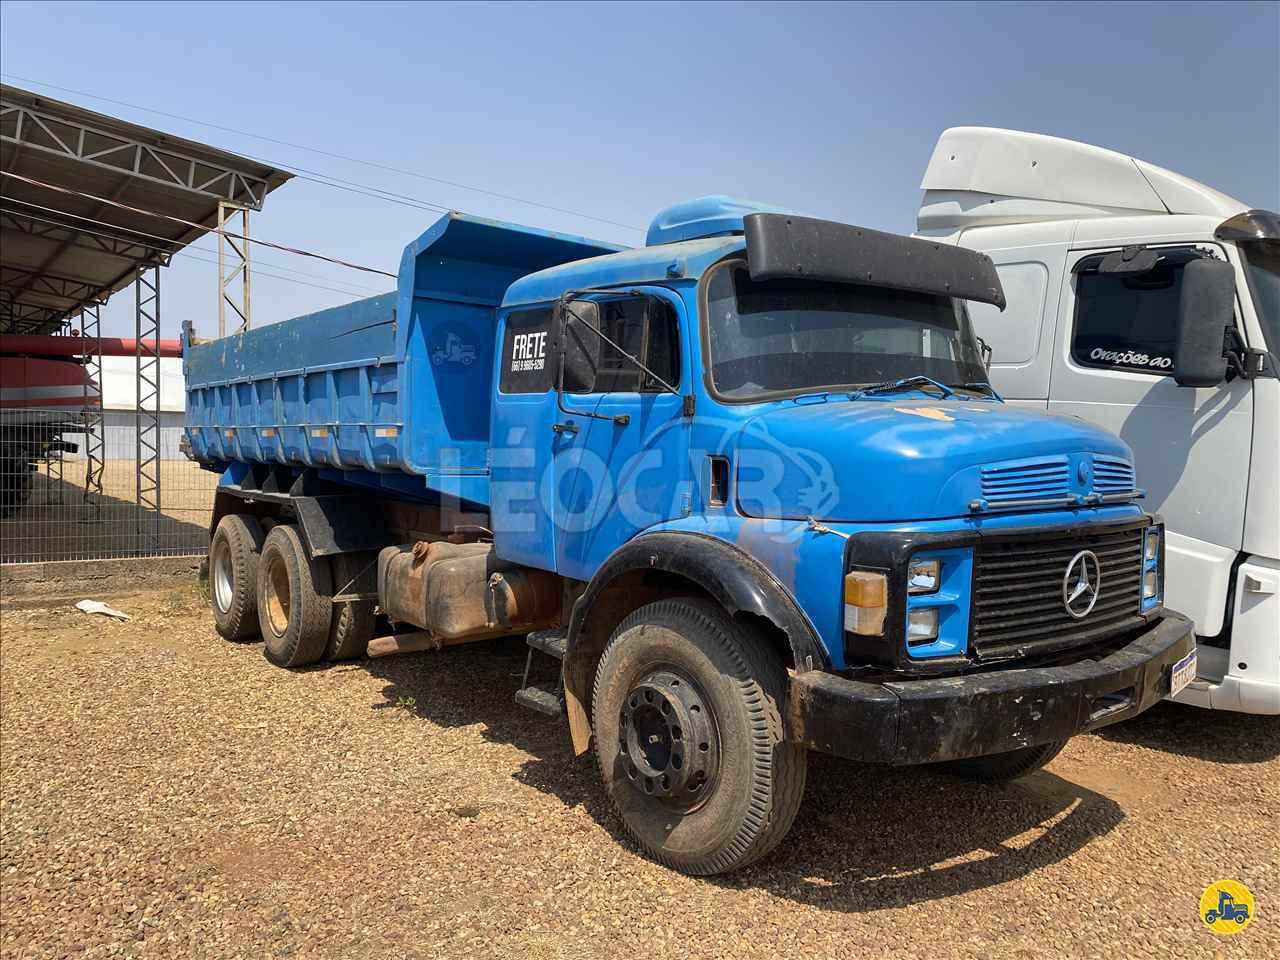 CAMINHAO MERCEDES-BENZ MB 2213 Caçamba Basculante Truck 6x2 Leocar Caminhões PRIMAVERA DO LESTE MATO GROSSO MT